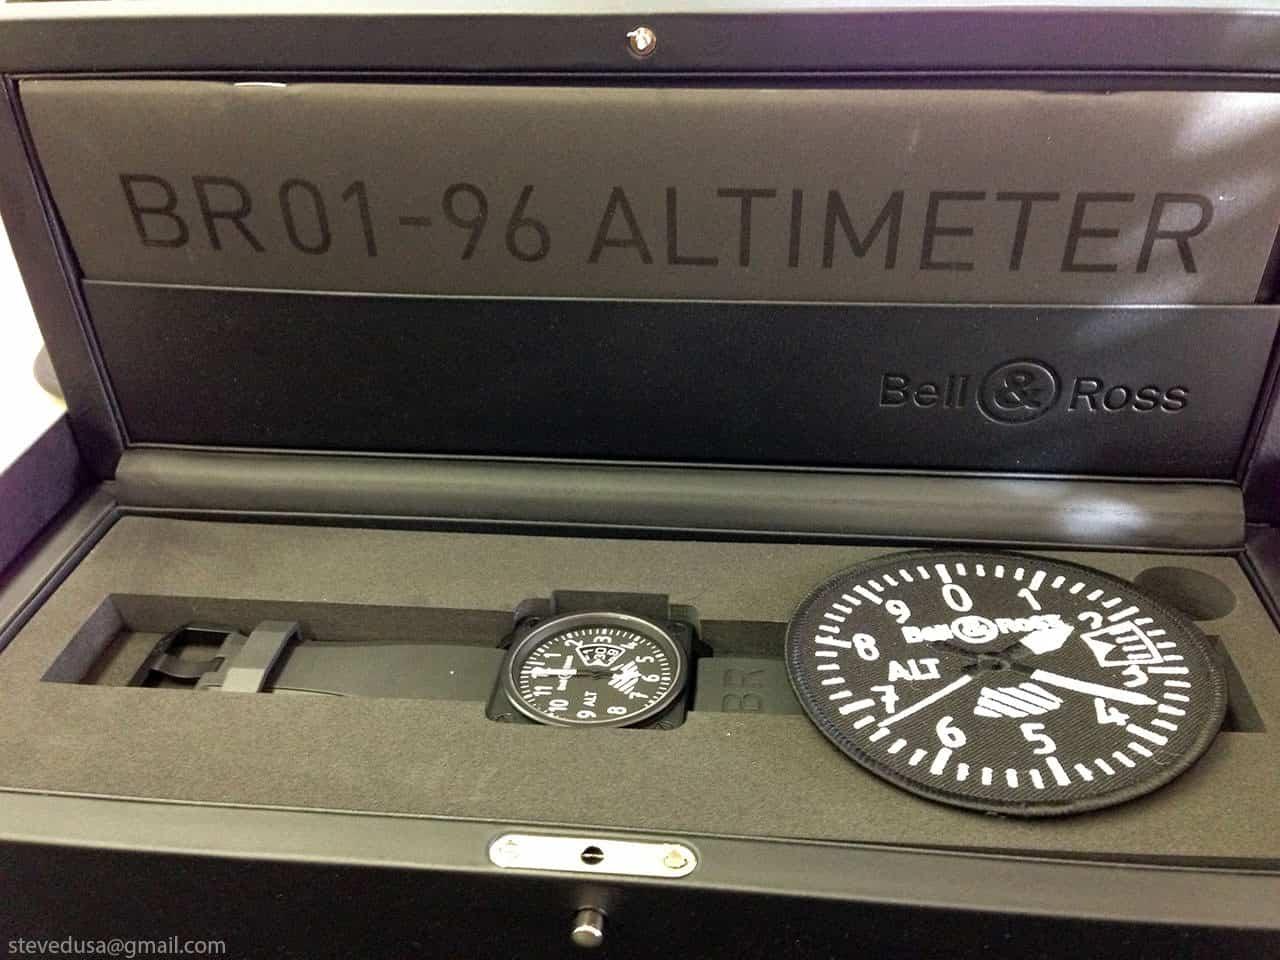 Watch wrist parts - Altimeter